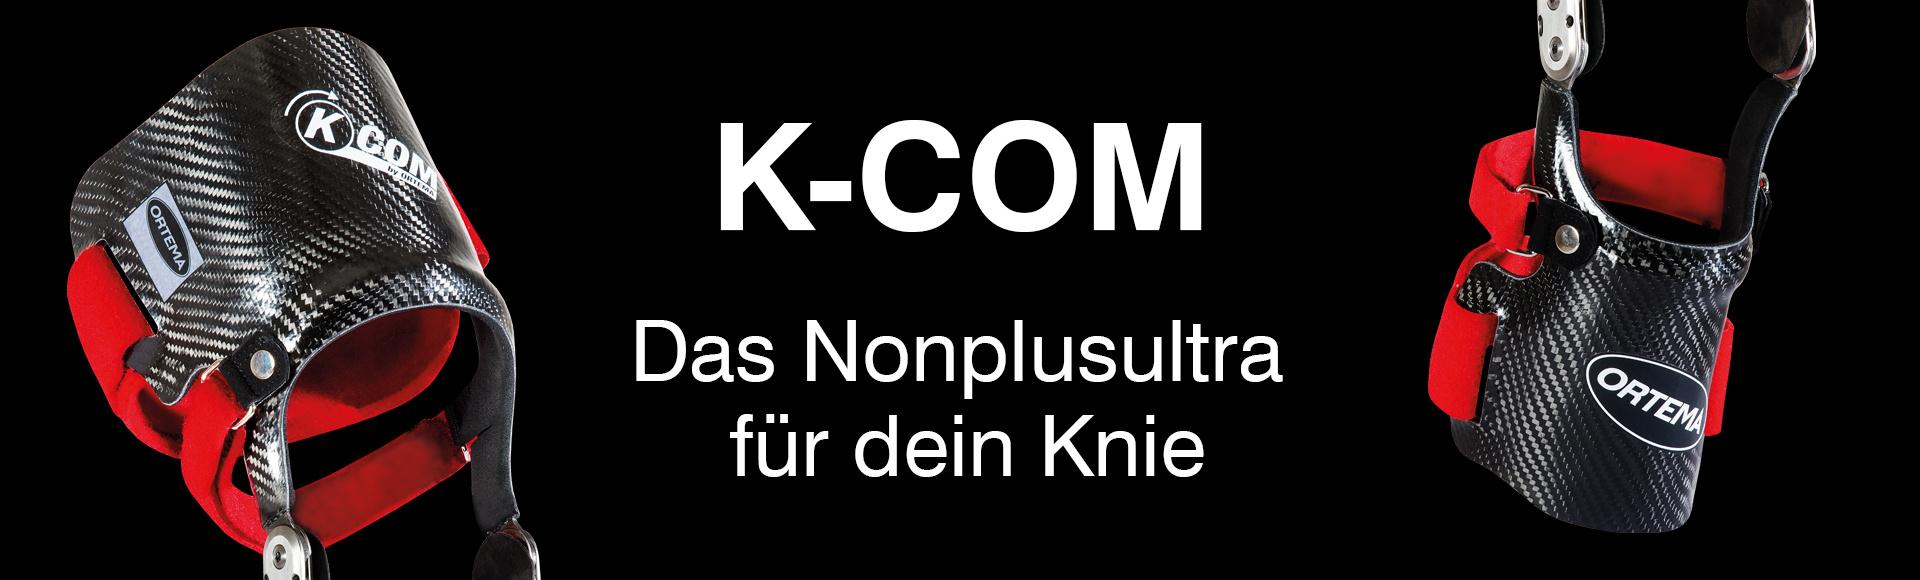 K-COM Knieorthese